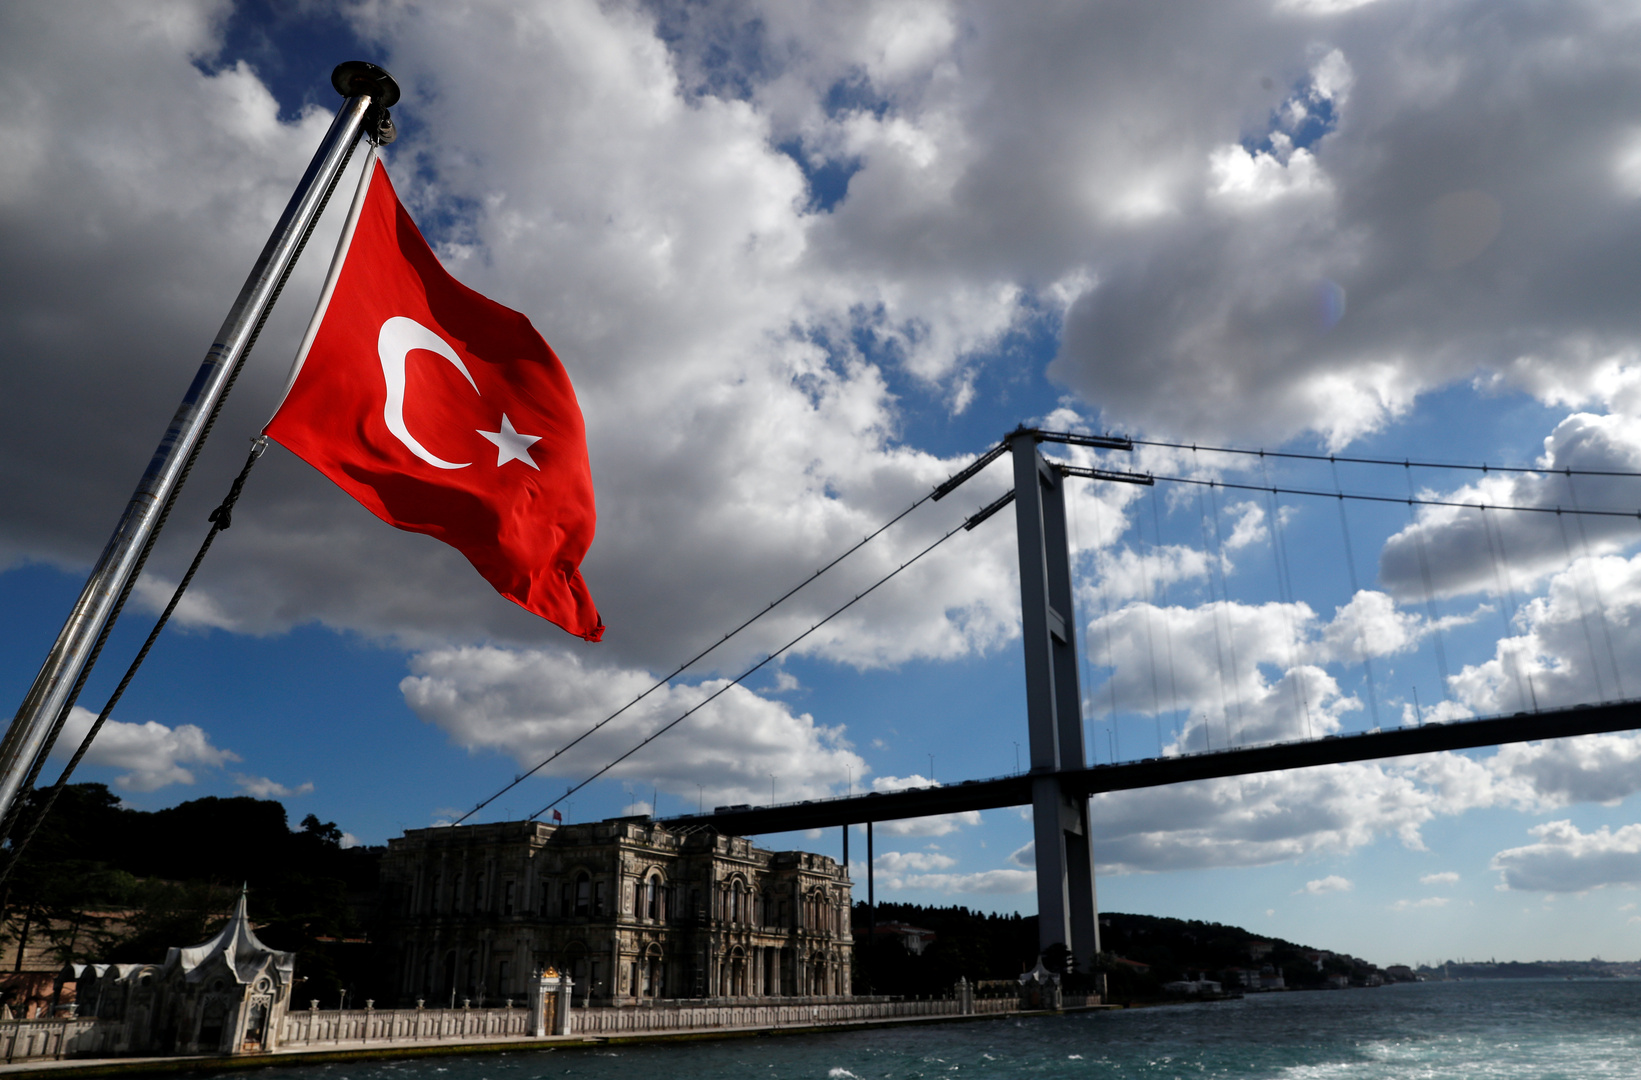 الحكم بالسجن مدى الحياة على 22 عسكريا سابقا بتهمة محاولة الانقلاب في تركيا